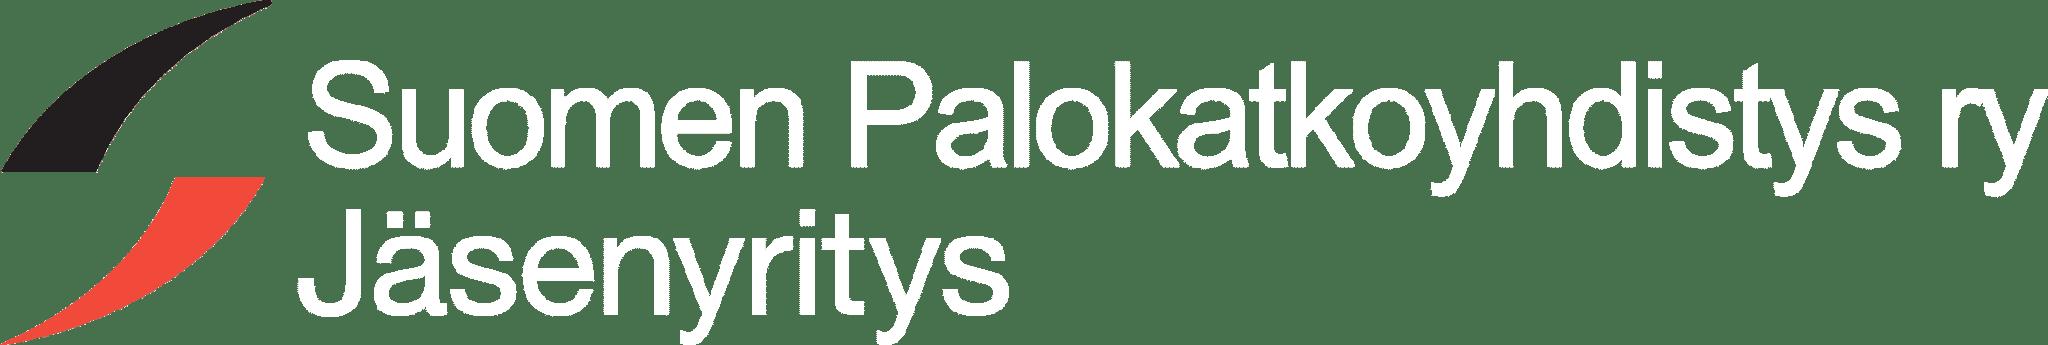 Suomen Palokatkoyhdistys Ry jäsenyritys